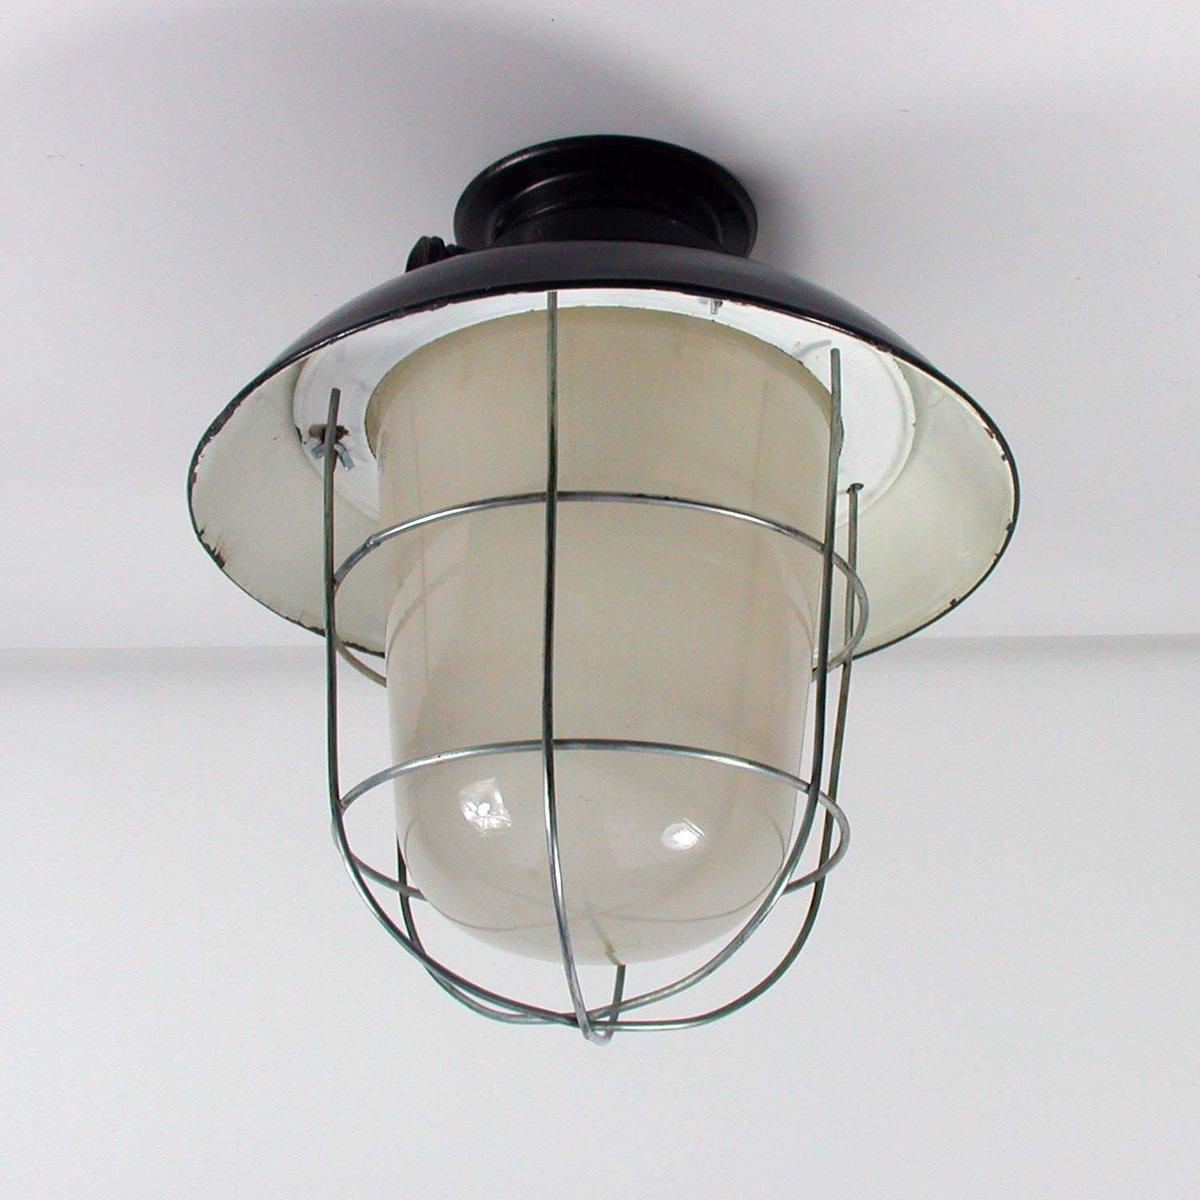 industrielle emaillierte vintage deckenlampe bei pamono kaufen. Black Bedroom Furniture Sets. Home Design Ideas